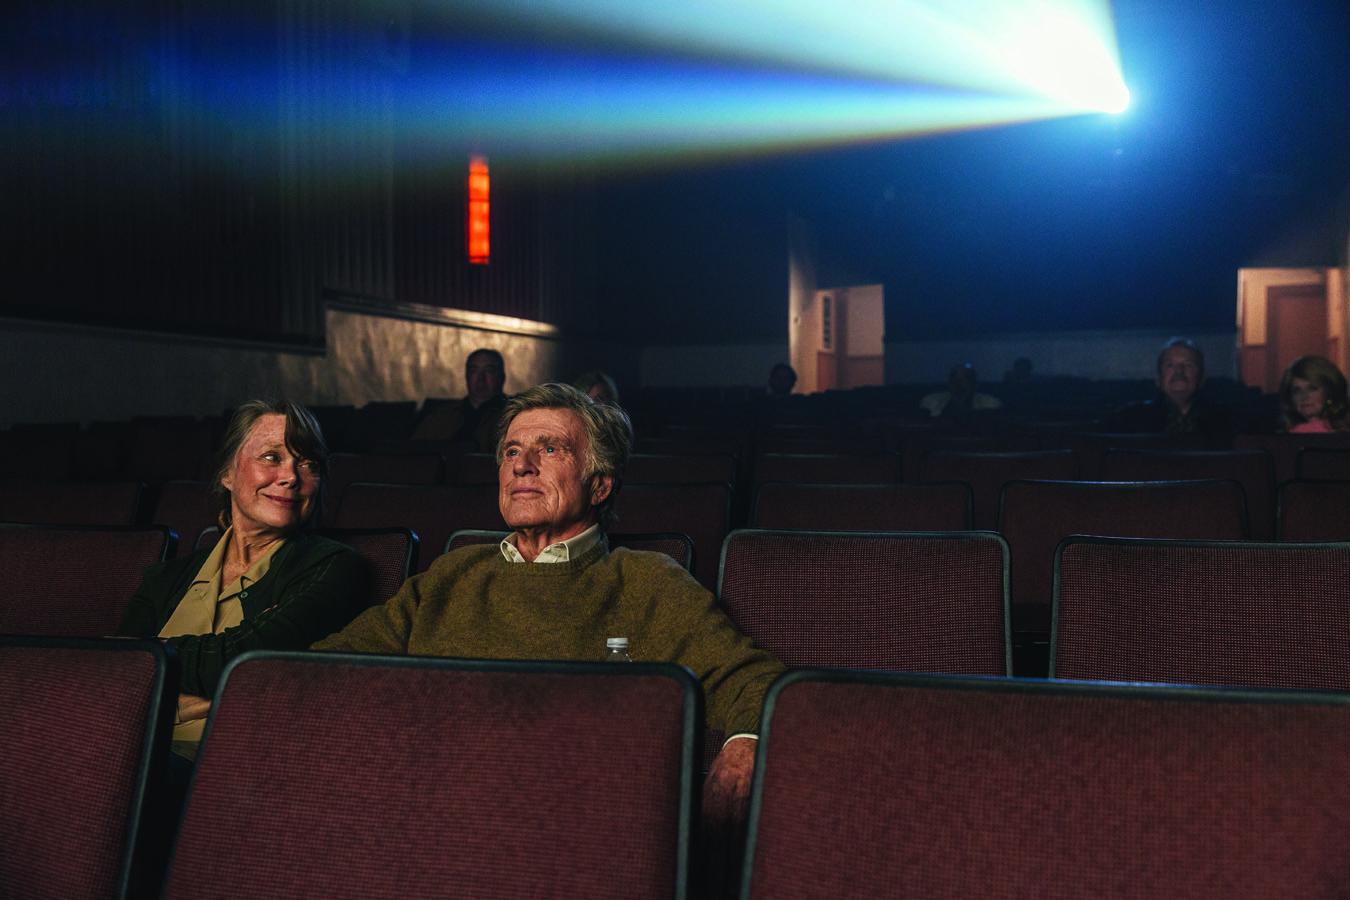 Opening & Closing Night Films Confirmed